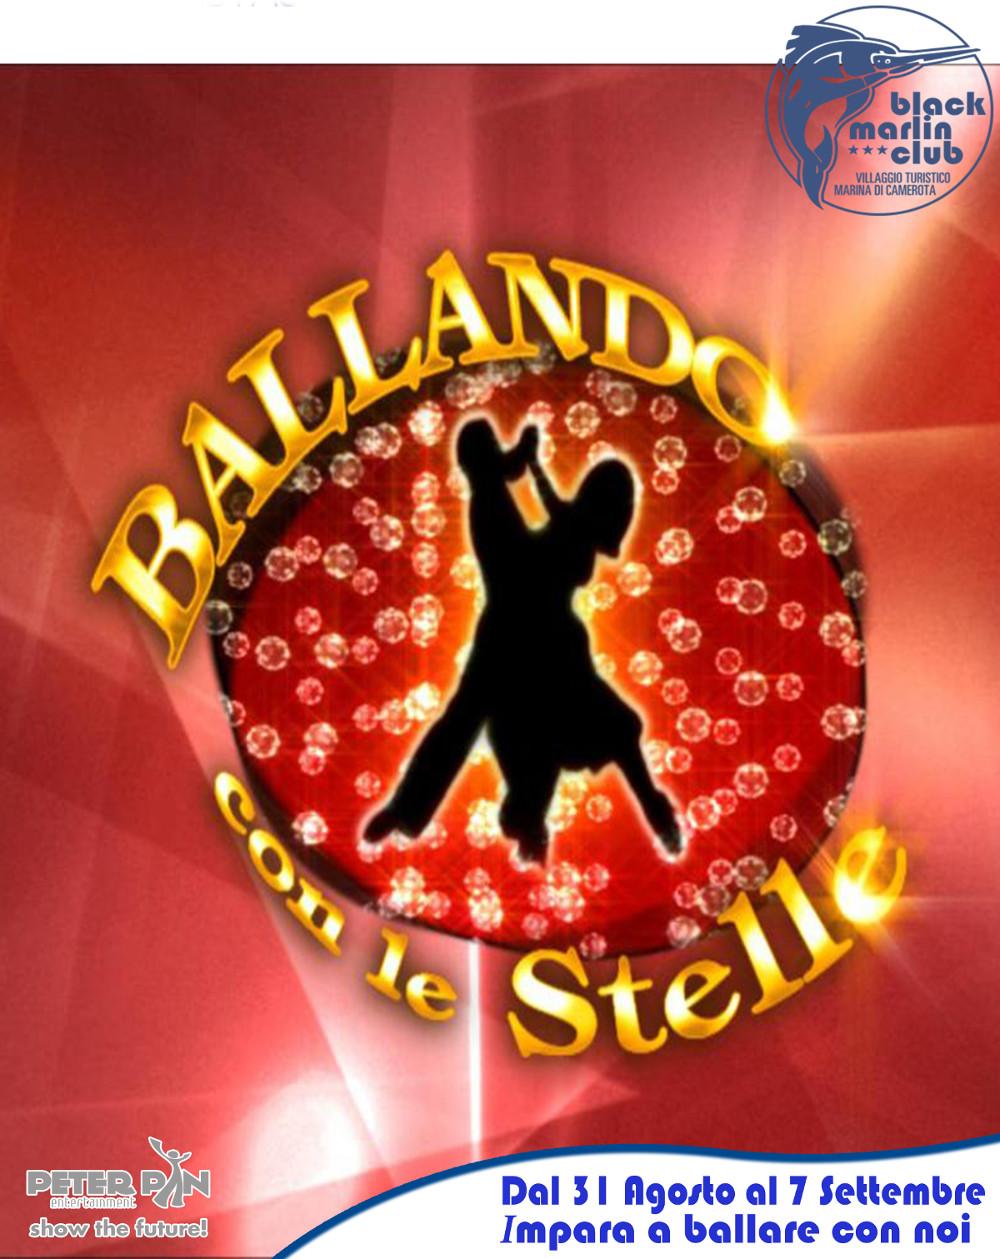 Settimana speciale settembre 2019 vuoi ballare al blackmarlin con i maestri di ballando con le stelle